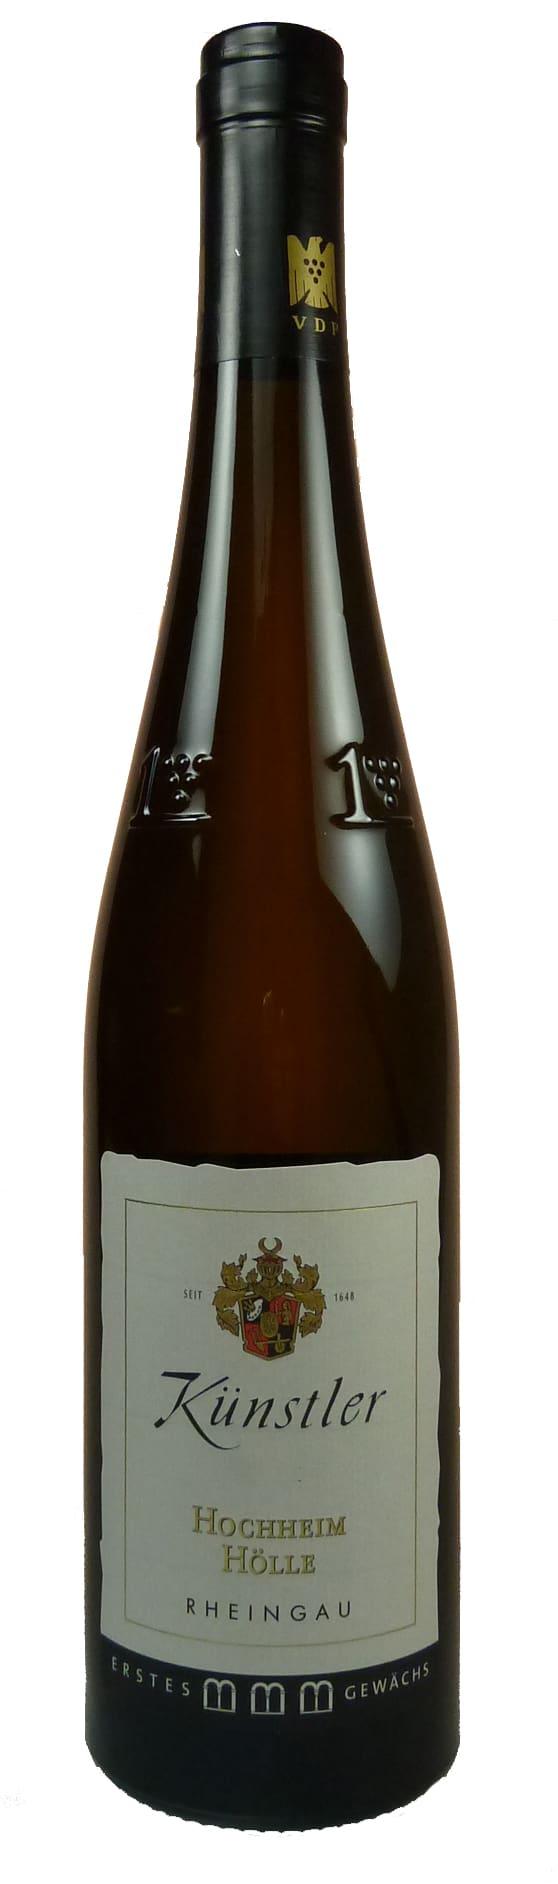 Hochheimer Hölle Riesling Großes Gewächs Qualitätswein trocken 2016